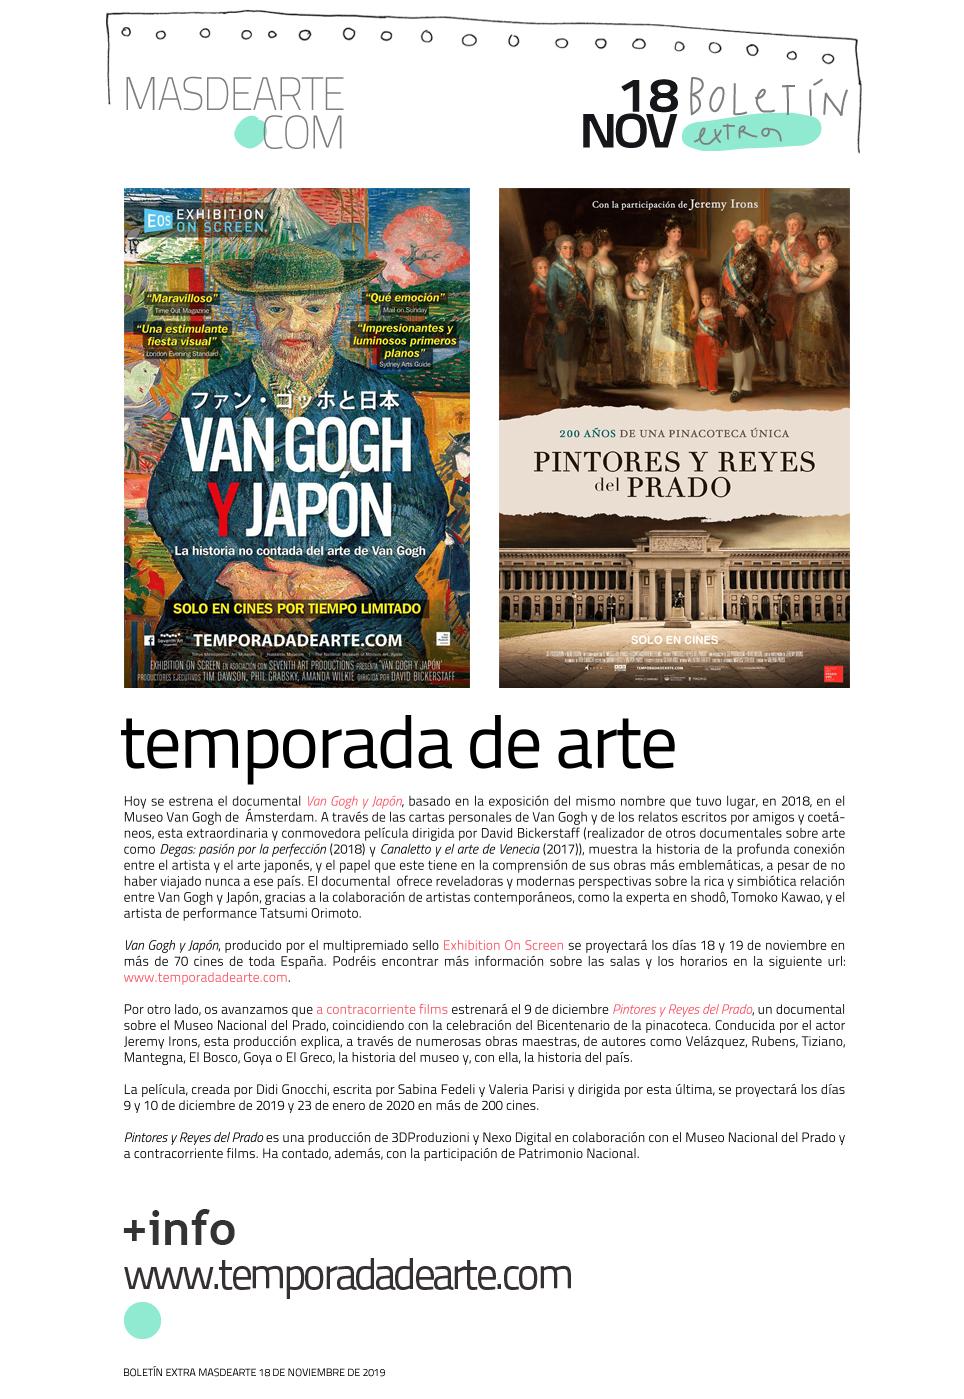 Documental Van Gogh y Japón. Estreno 18 y 19 de noviembre de 2019.  PIntores y Reyes del Prado. Documental con Jeremy Irons. Estreno 9 de diciembre de 2019. Exhibition on Screen